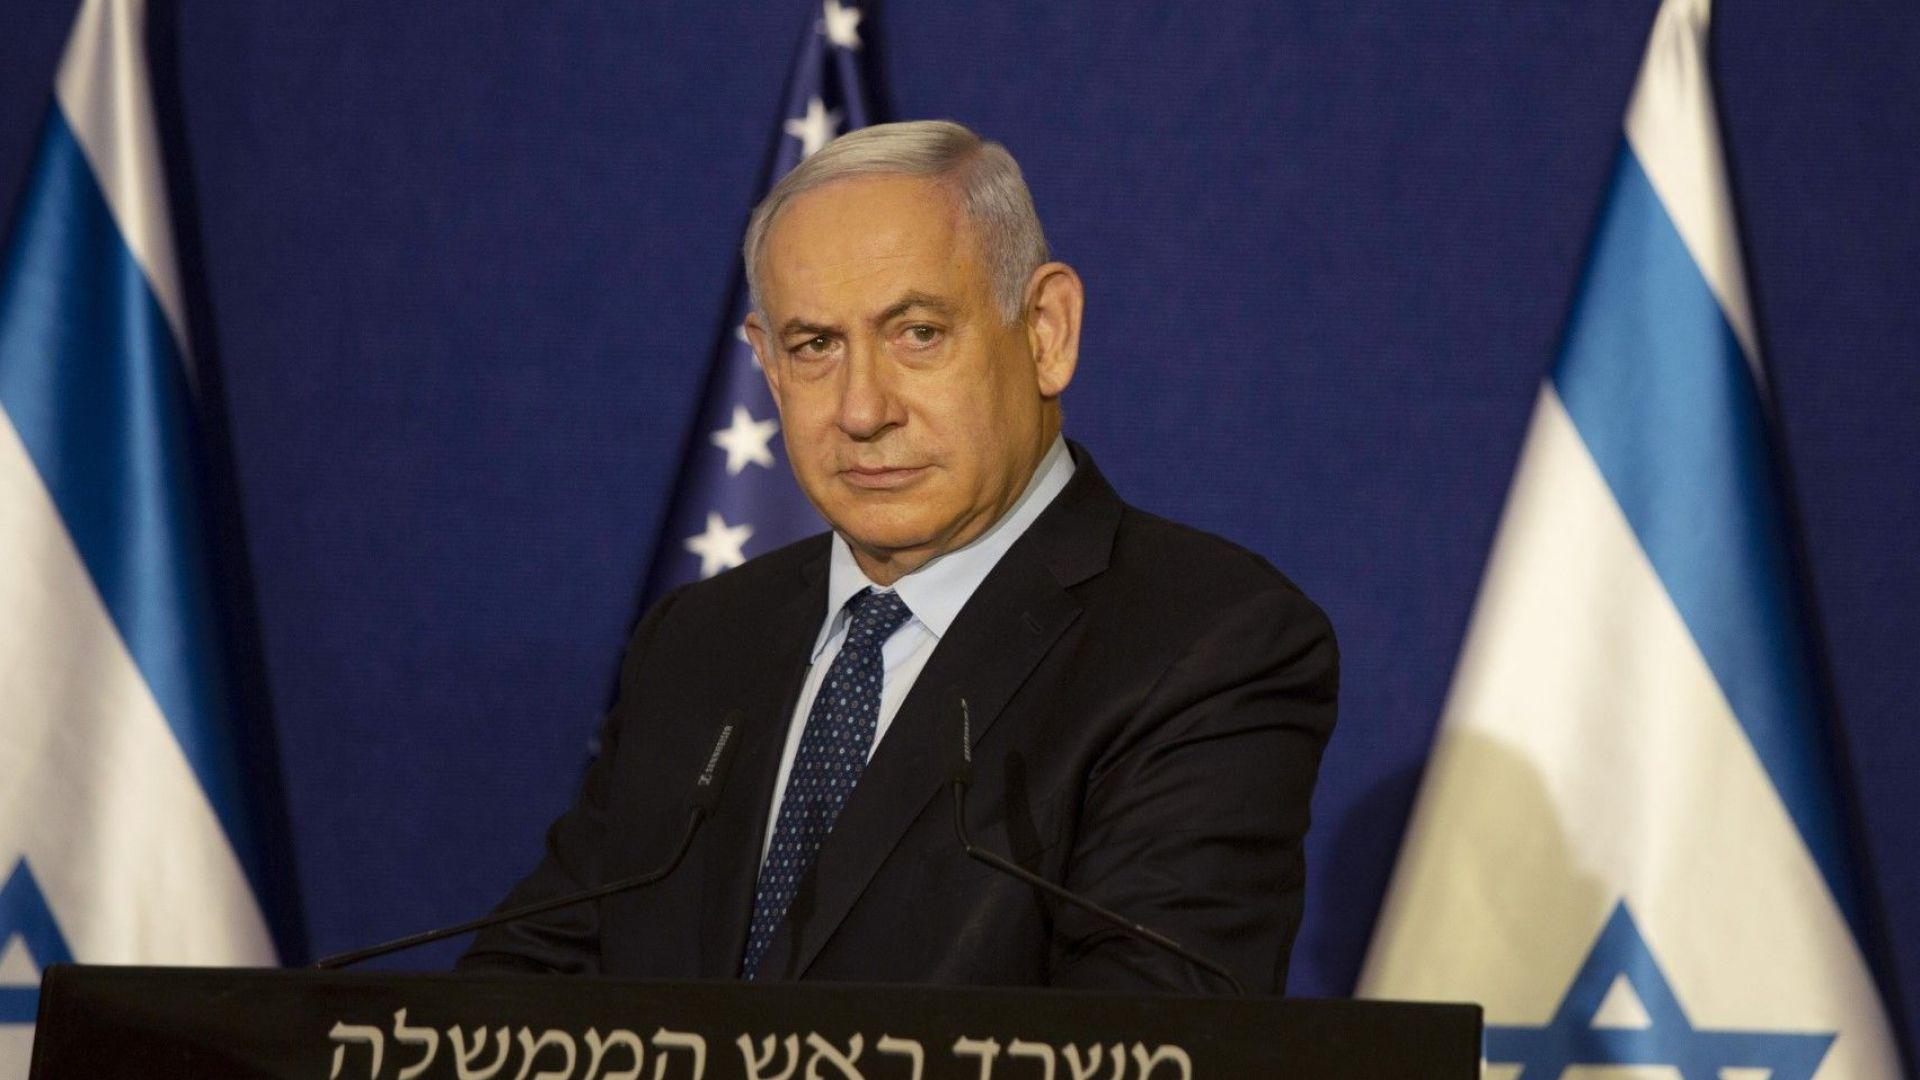 Премиерът на Израел Бенямин Нетаняху е разговарял с Мохамед бин Салман по време на посещението в региона на държавния секретар на САЩ Майк Помпейо